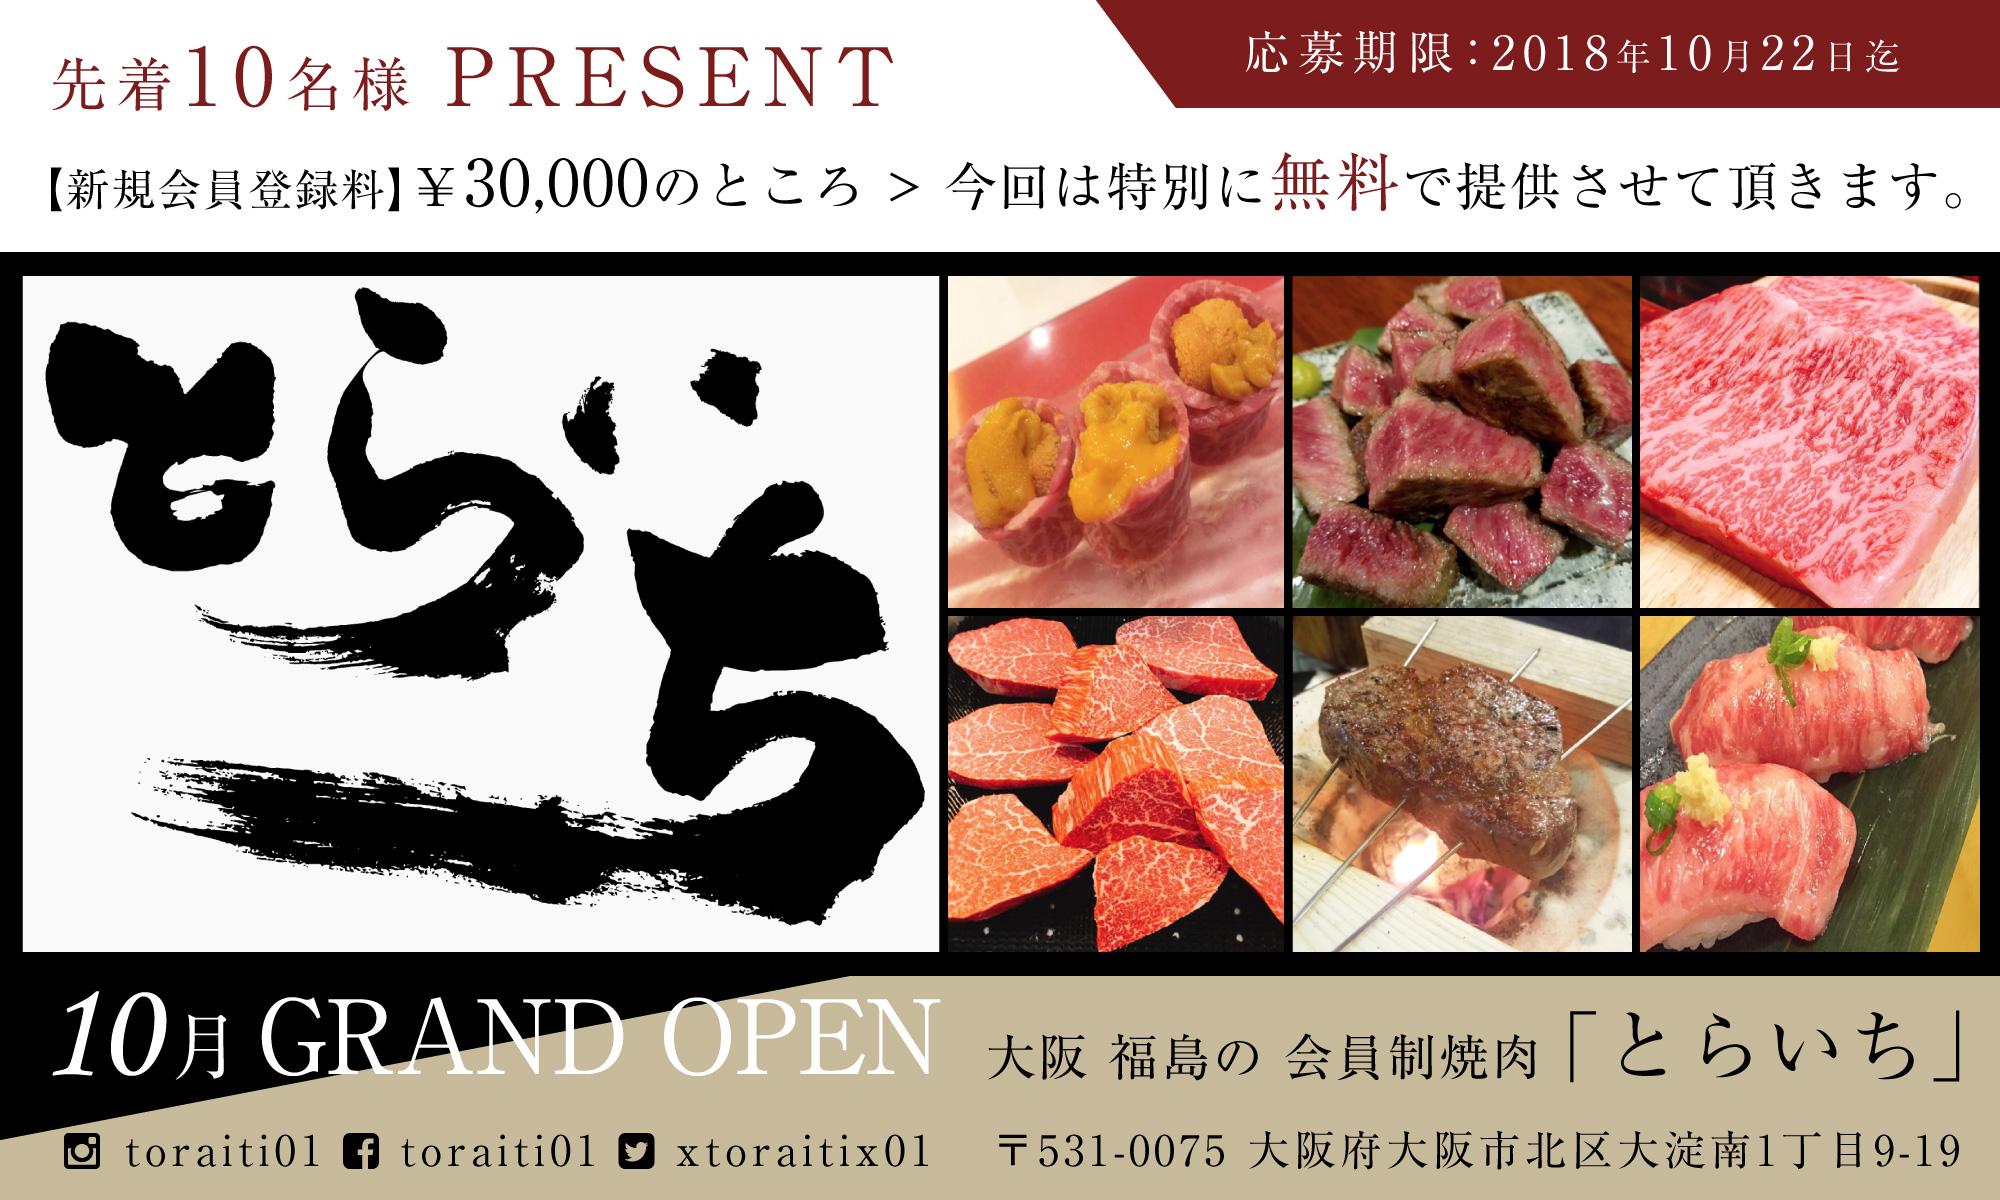 大阪福島の会員制焼き肉「とらいち」